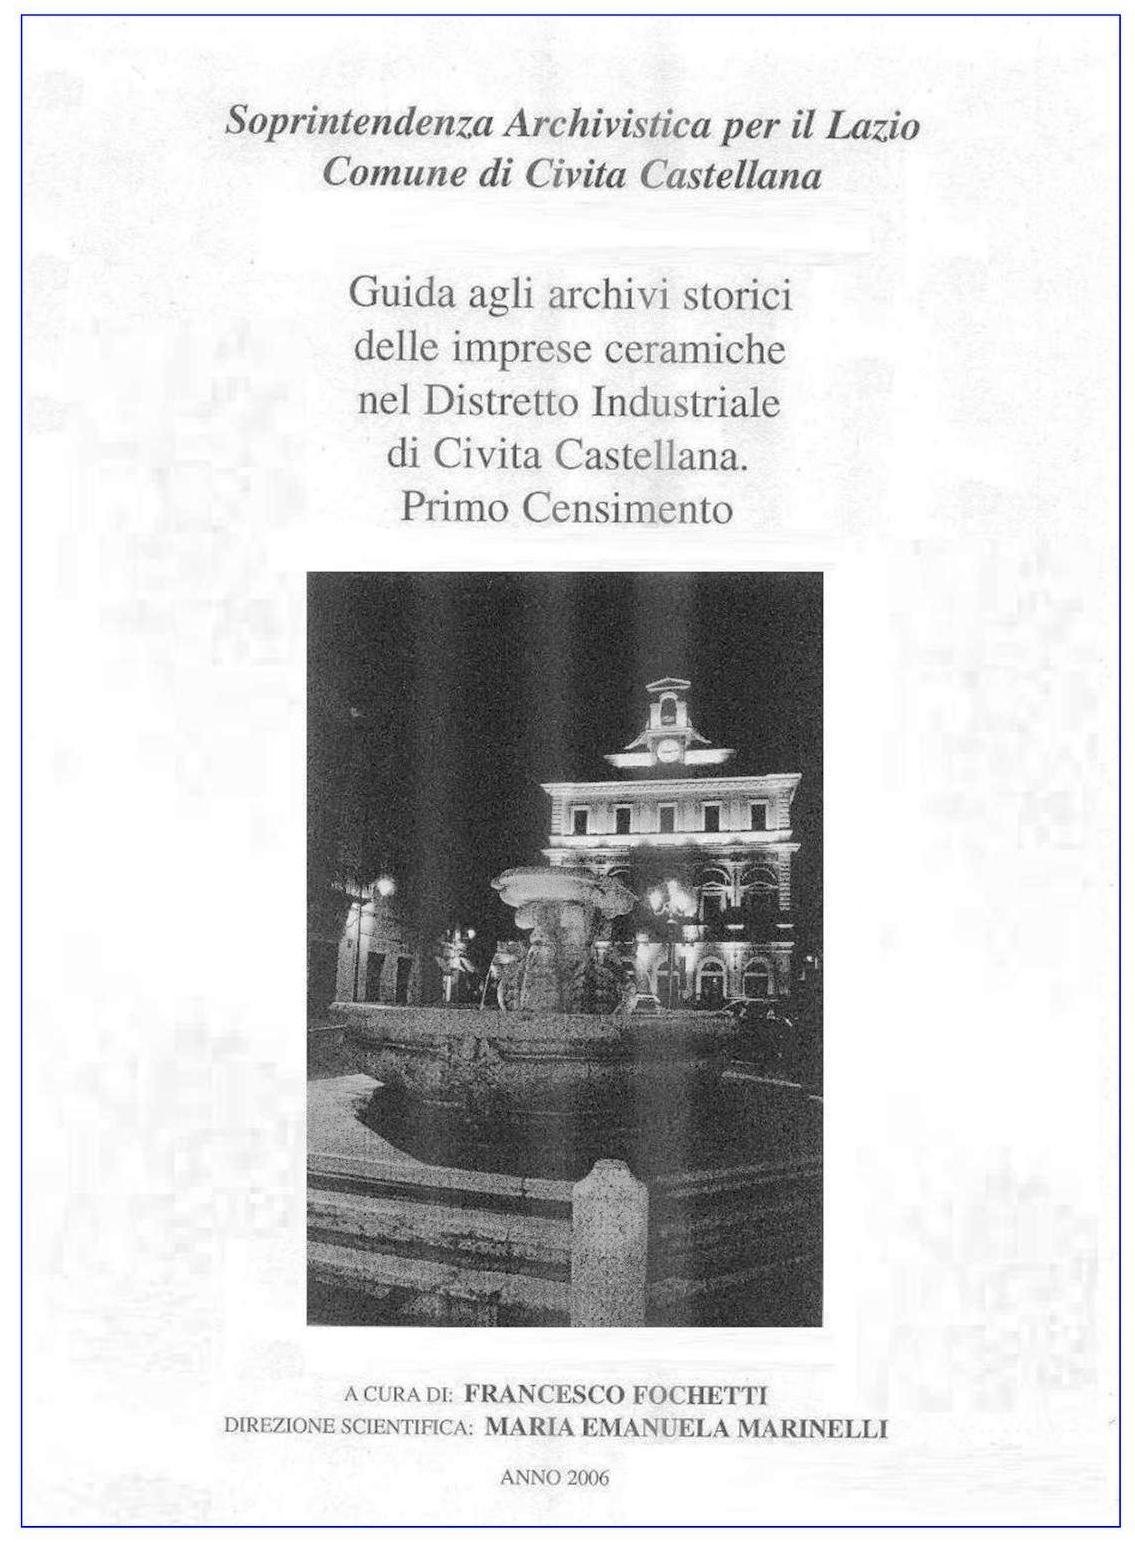 Ceramiche Bagno Civita Castellana.Archivio Multimediale Della Biblioteca Comunale Censimento Degli